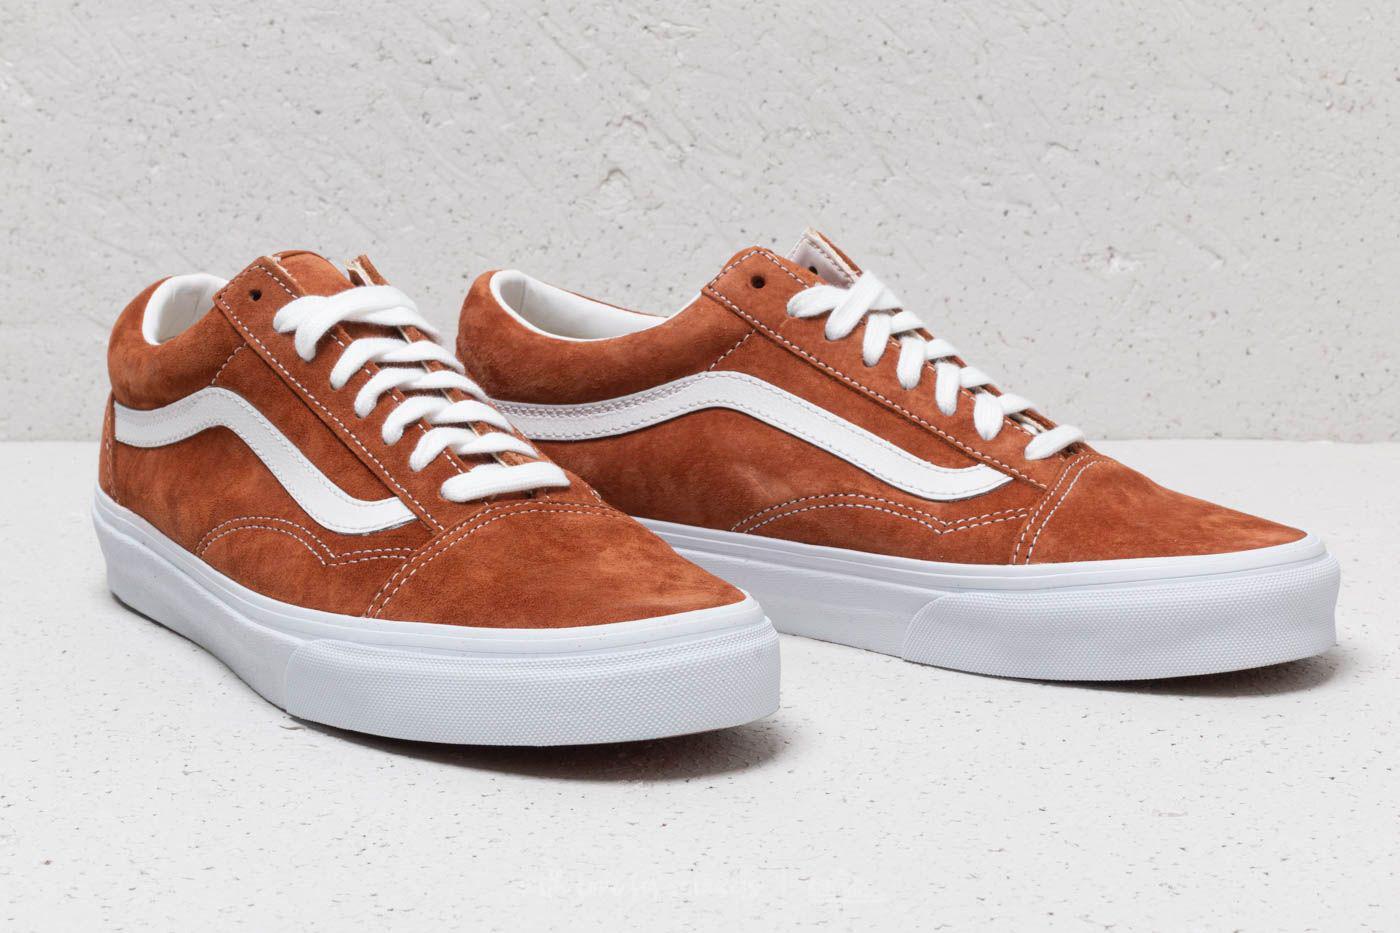 fc0ac36b5f3bb7 Lyst - Vans Old Skool (pig Suede) Leather Brown in Brown for Men